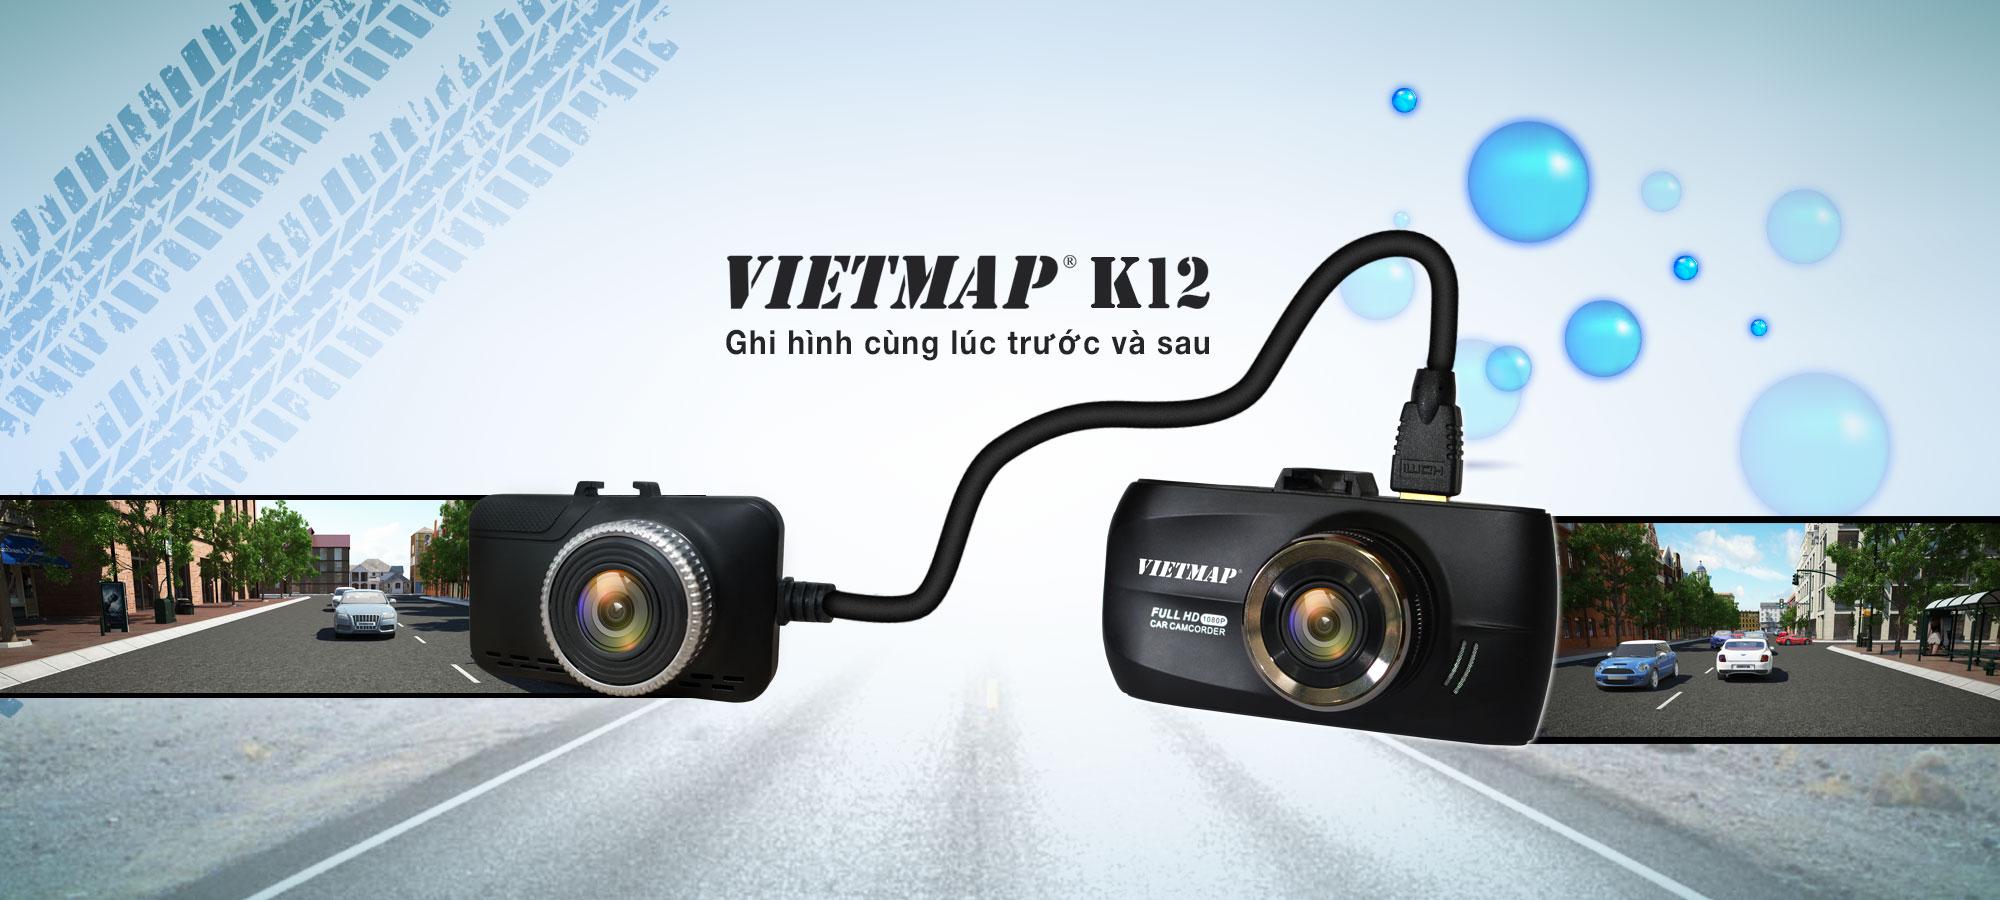 Thành Nam nhận lắp camera hành trình ô tô tại Hà Nội miễn phí 100% công lắp đặt